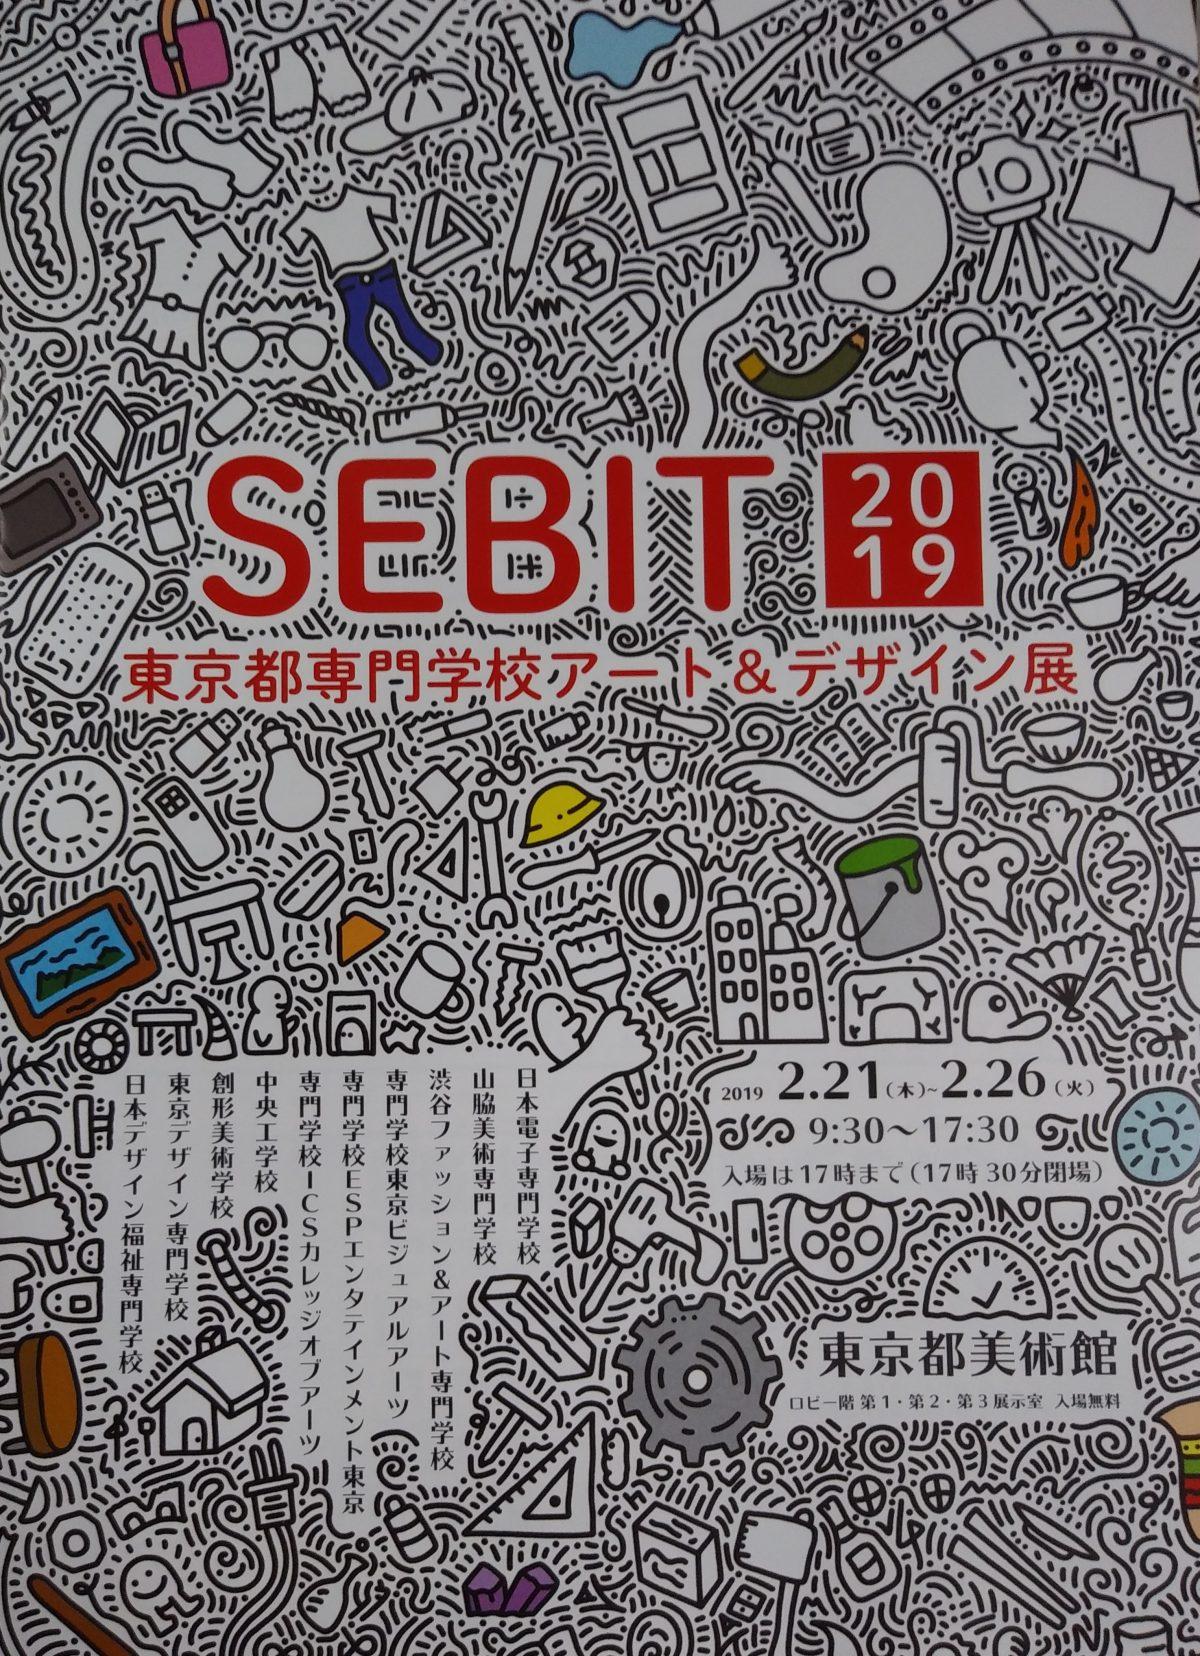 SEBIT2019東京都専門学校アート&デザイン展